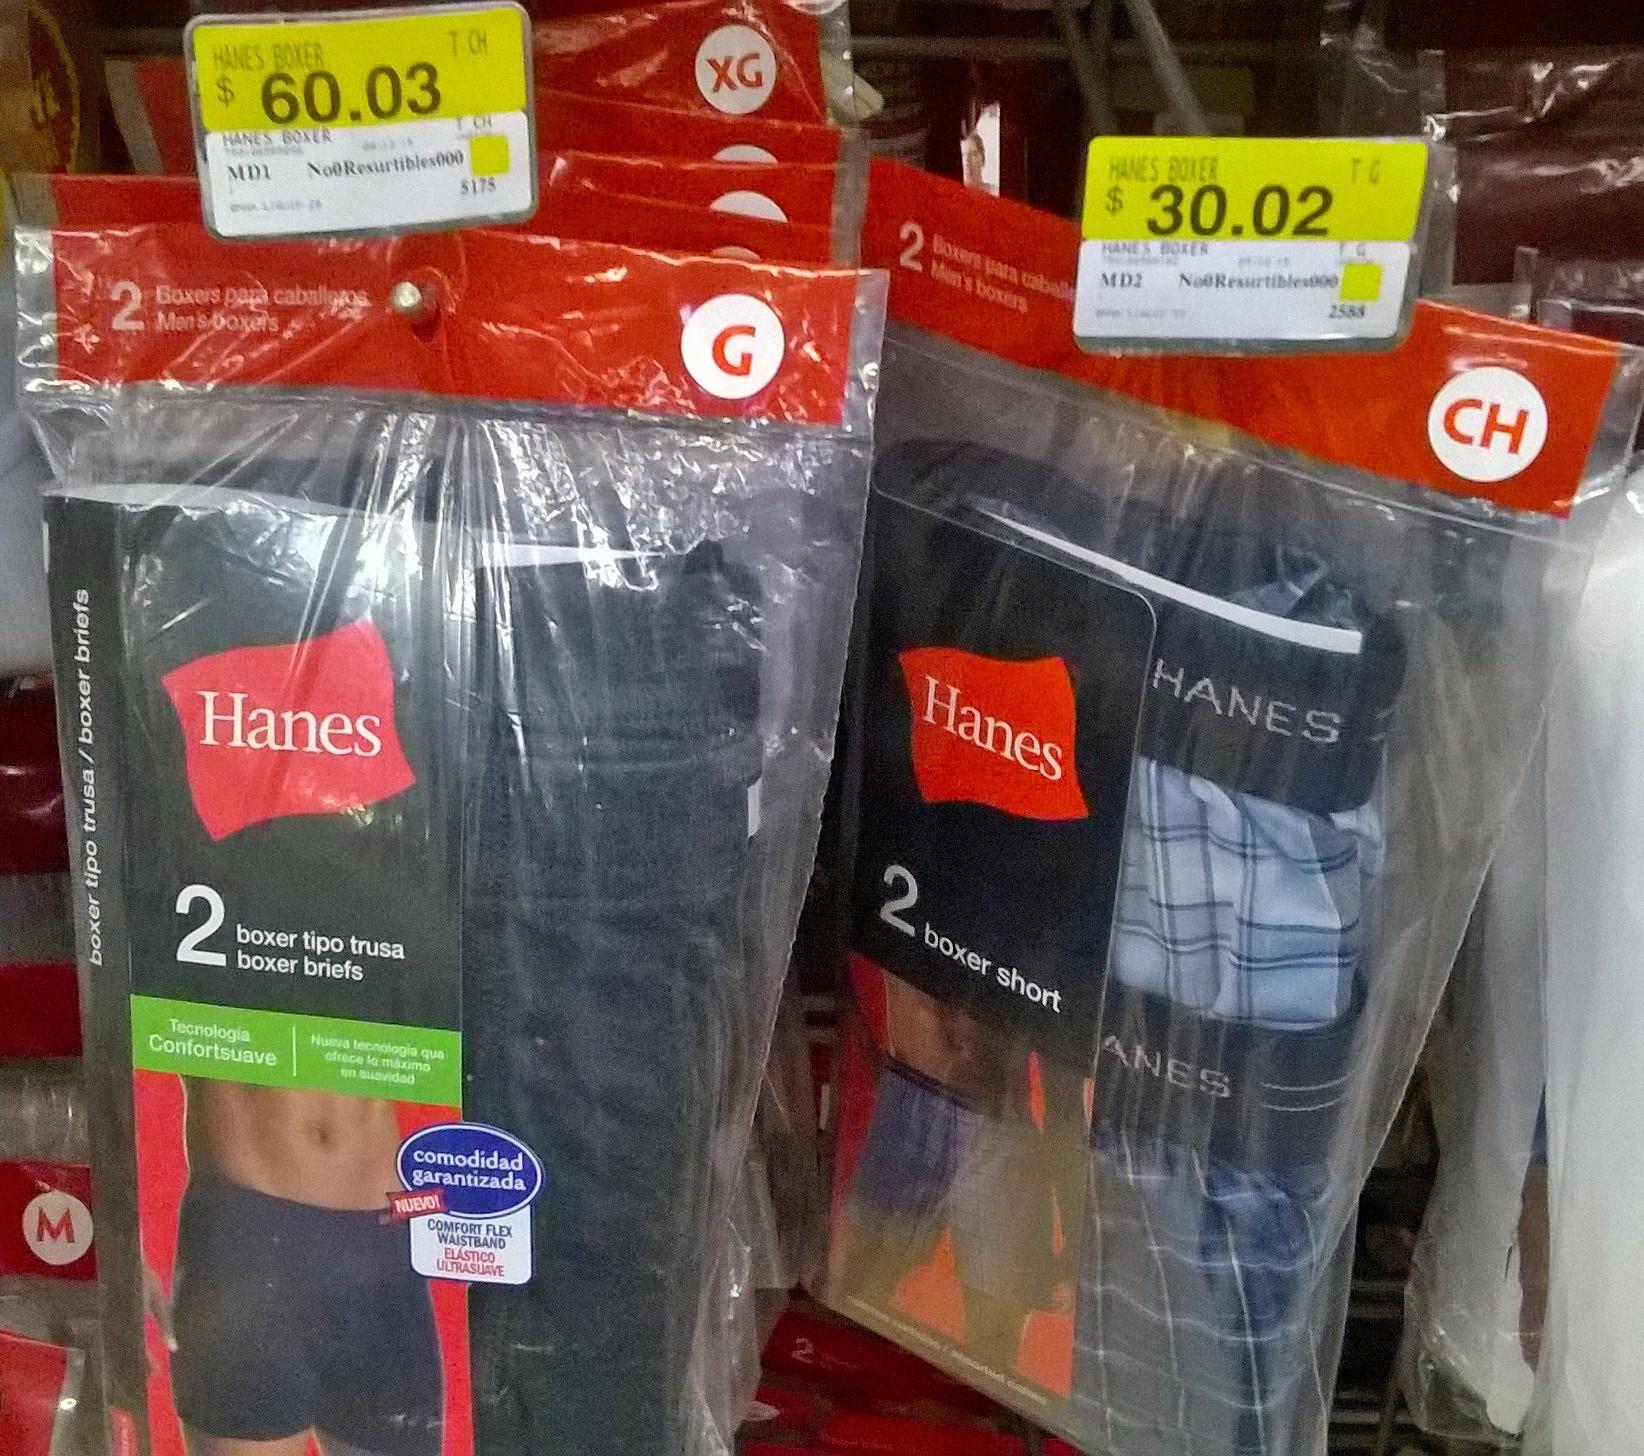 Wal-Mart Liquidación.Hanes $30.02 Boxers y Camisetas Sin Manga $60.02 Todas Las Tallas y Colores